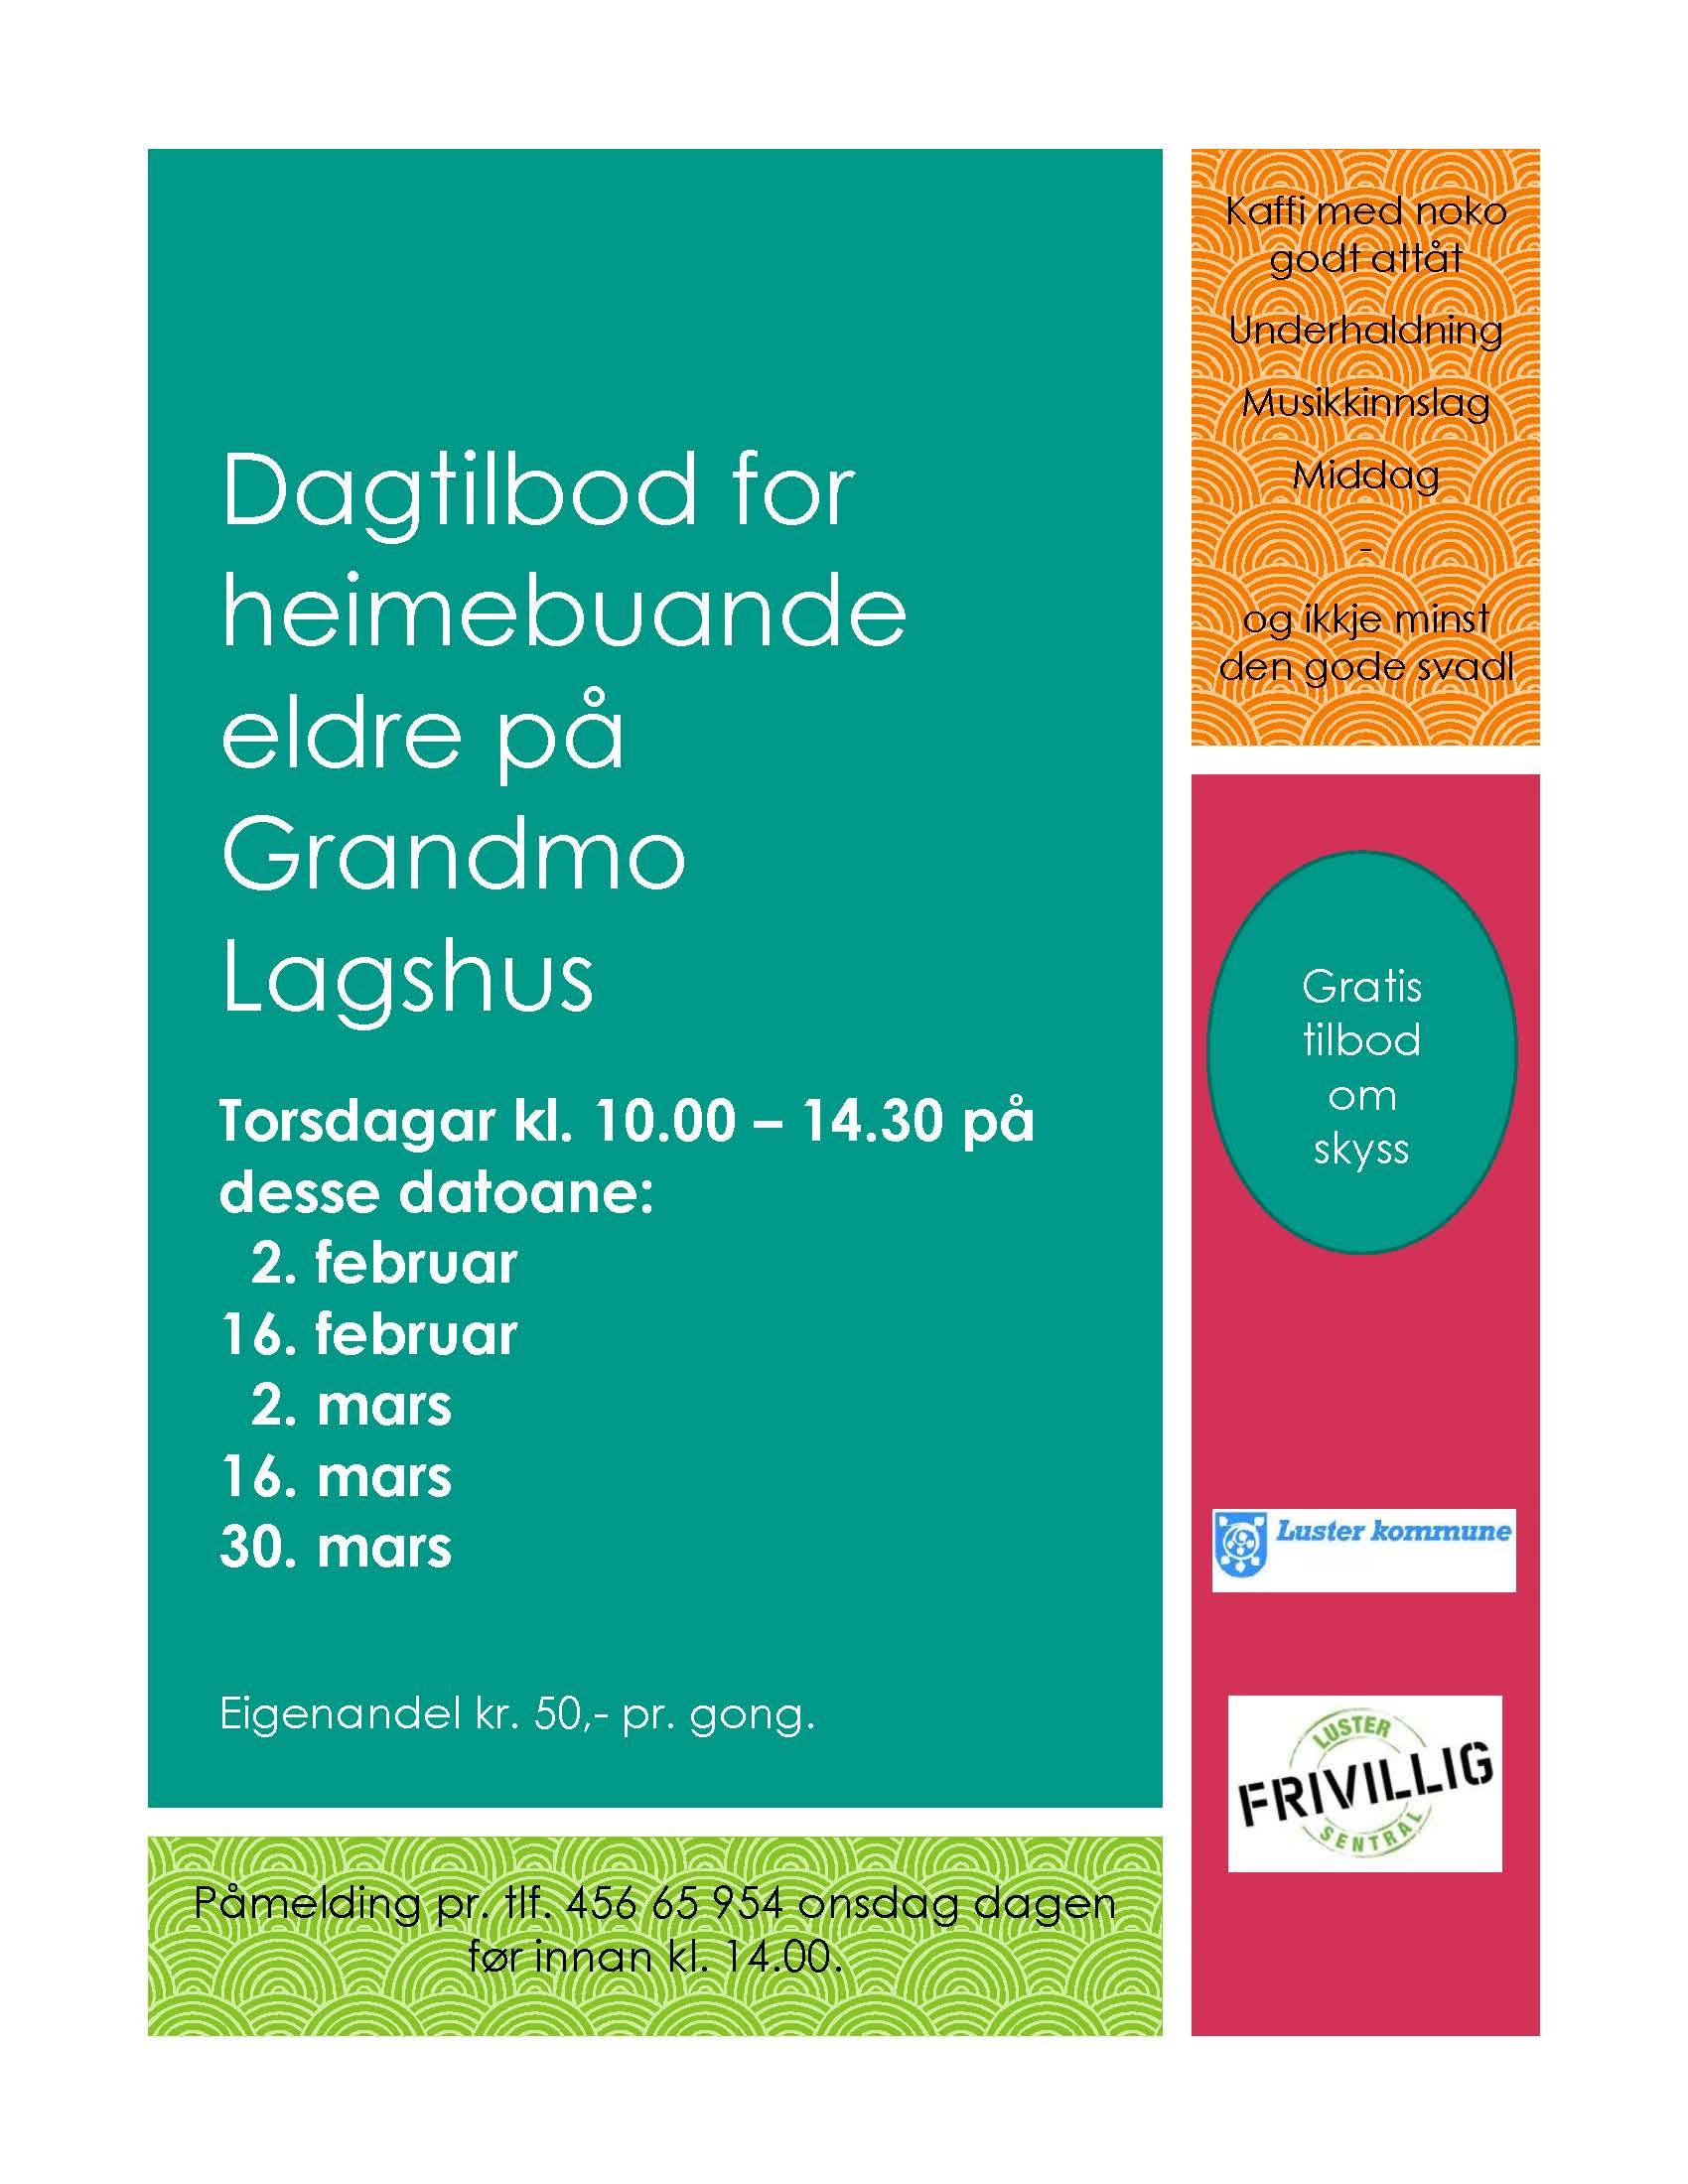 Dagtilbod for heimebuande eldre på Grandmo Lagshus.jpg